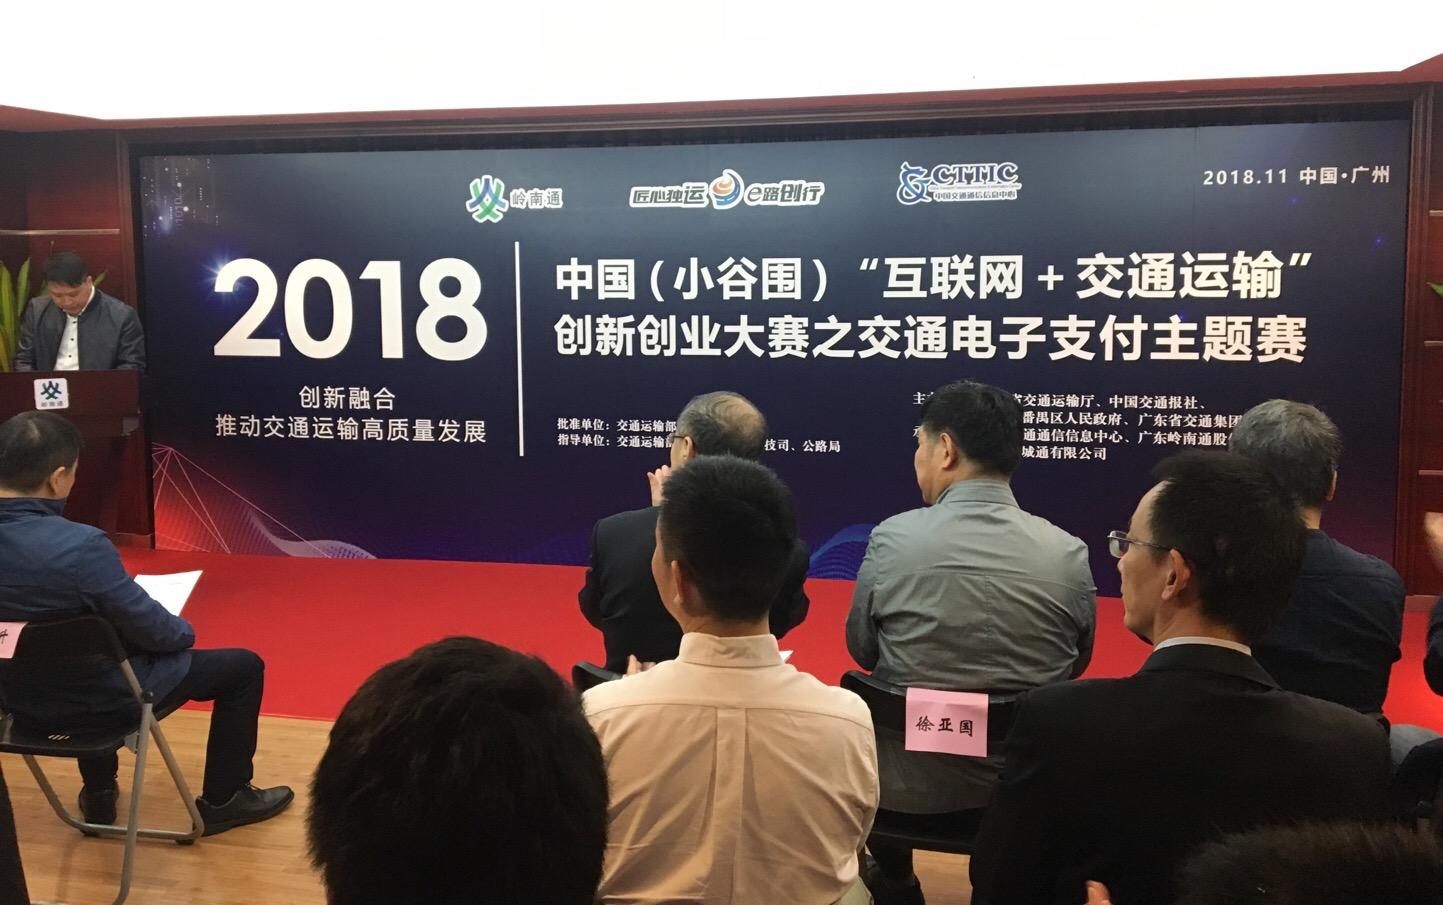 """2018中国(小谷围)""""互联网+交通运输""""创新创业大赛之交通电子支付主题赛完美收官!"""